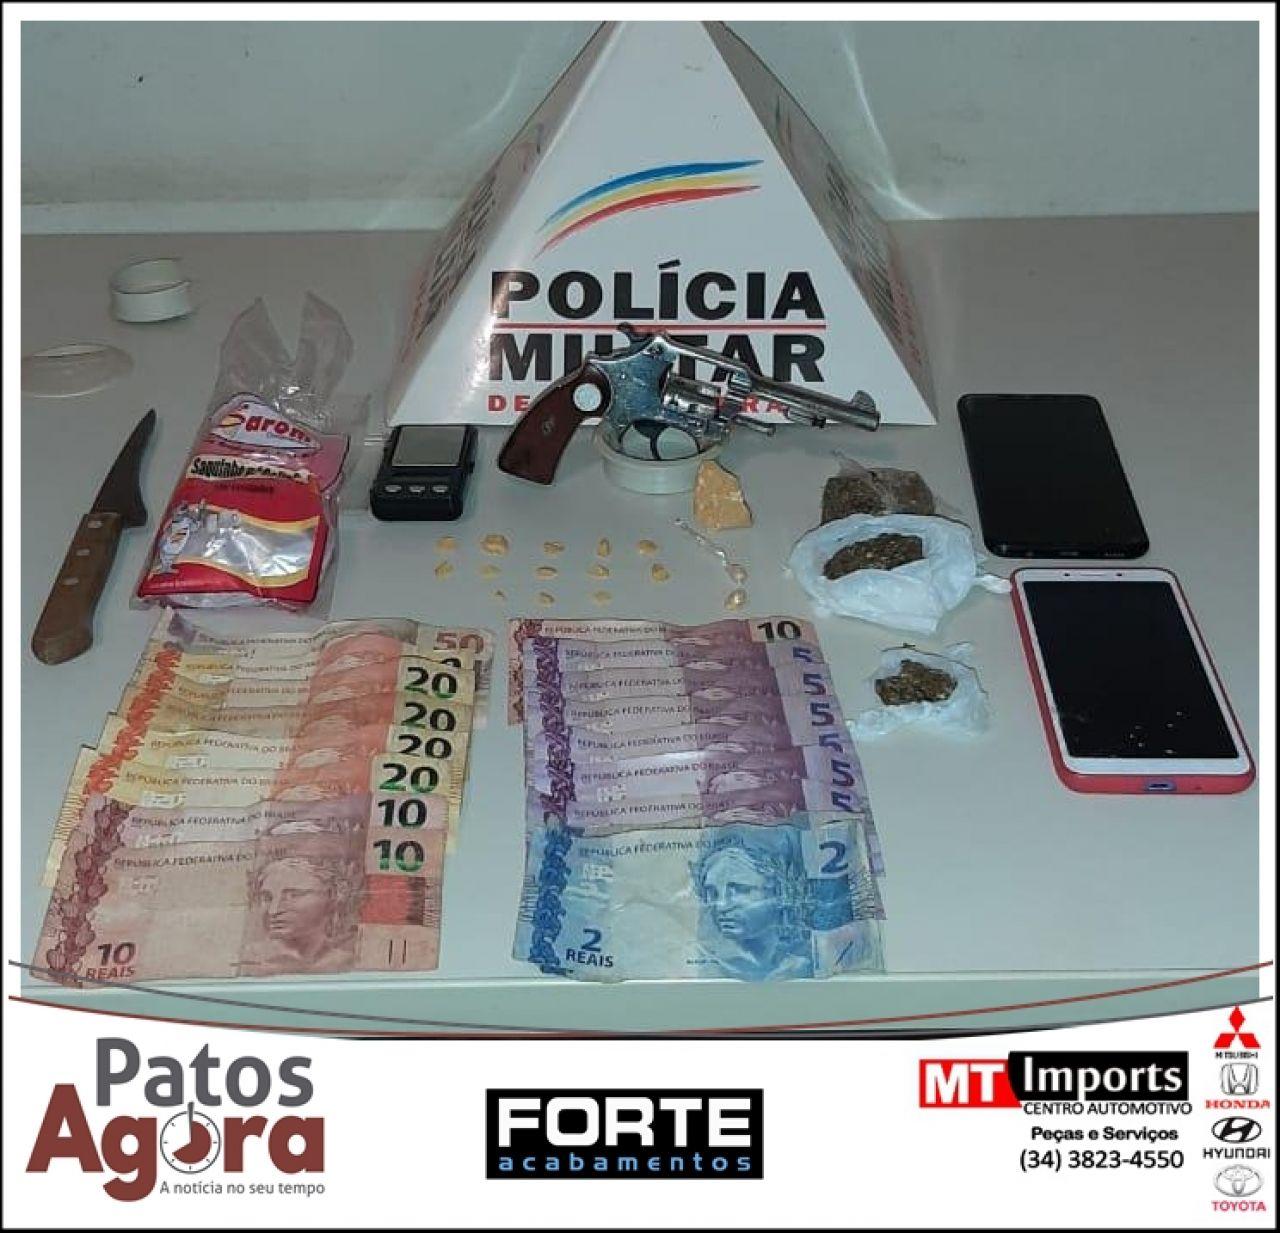 Casal é preso suspeito de tráfico de drogas em condomínio em Patrocínio